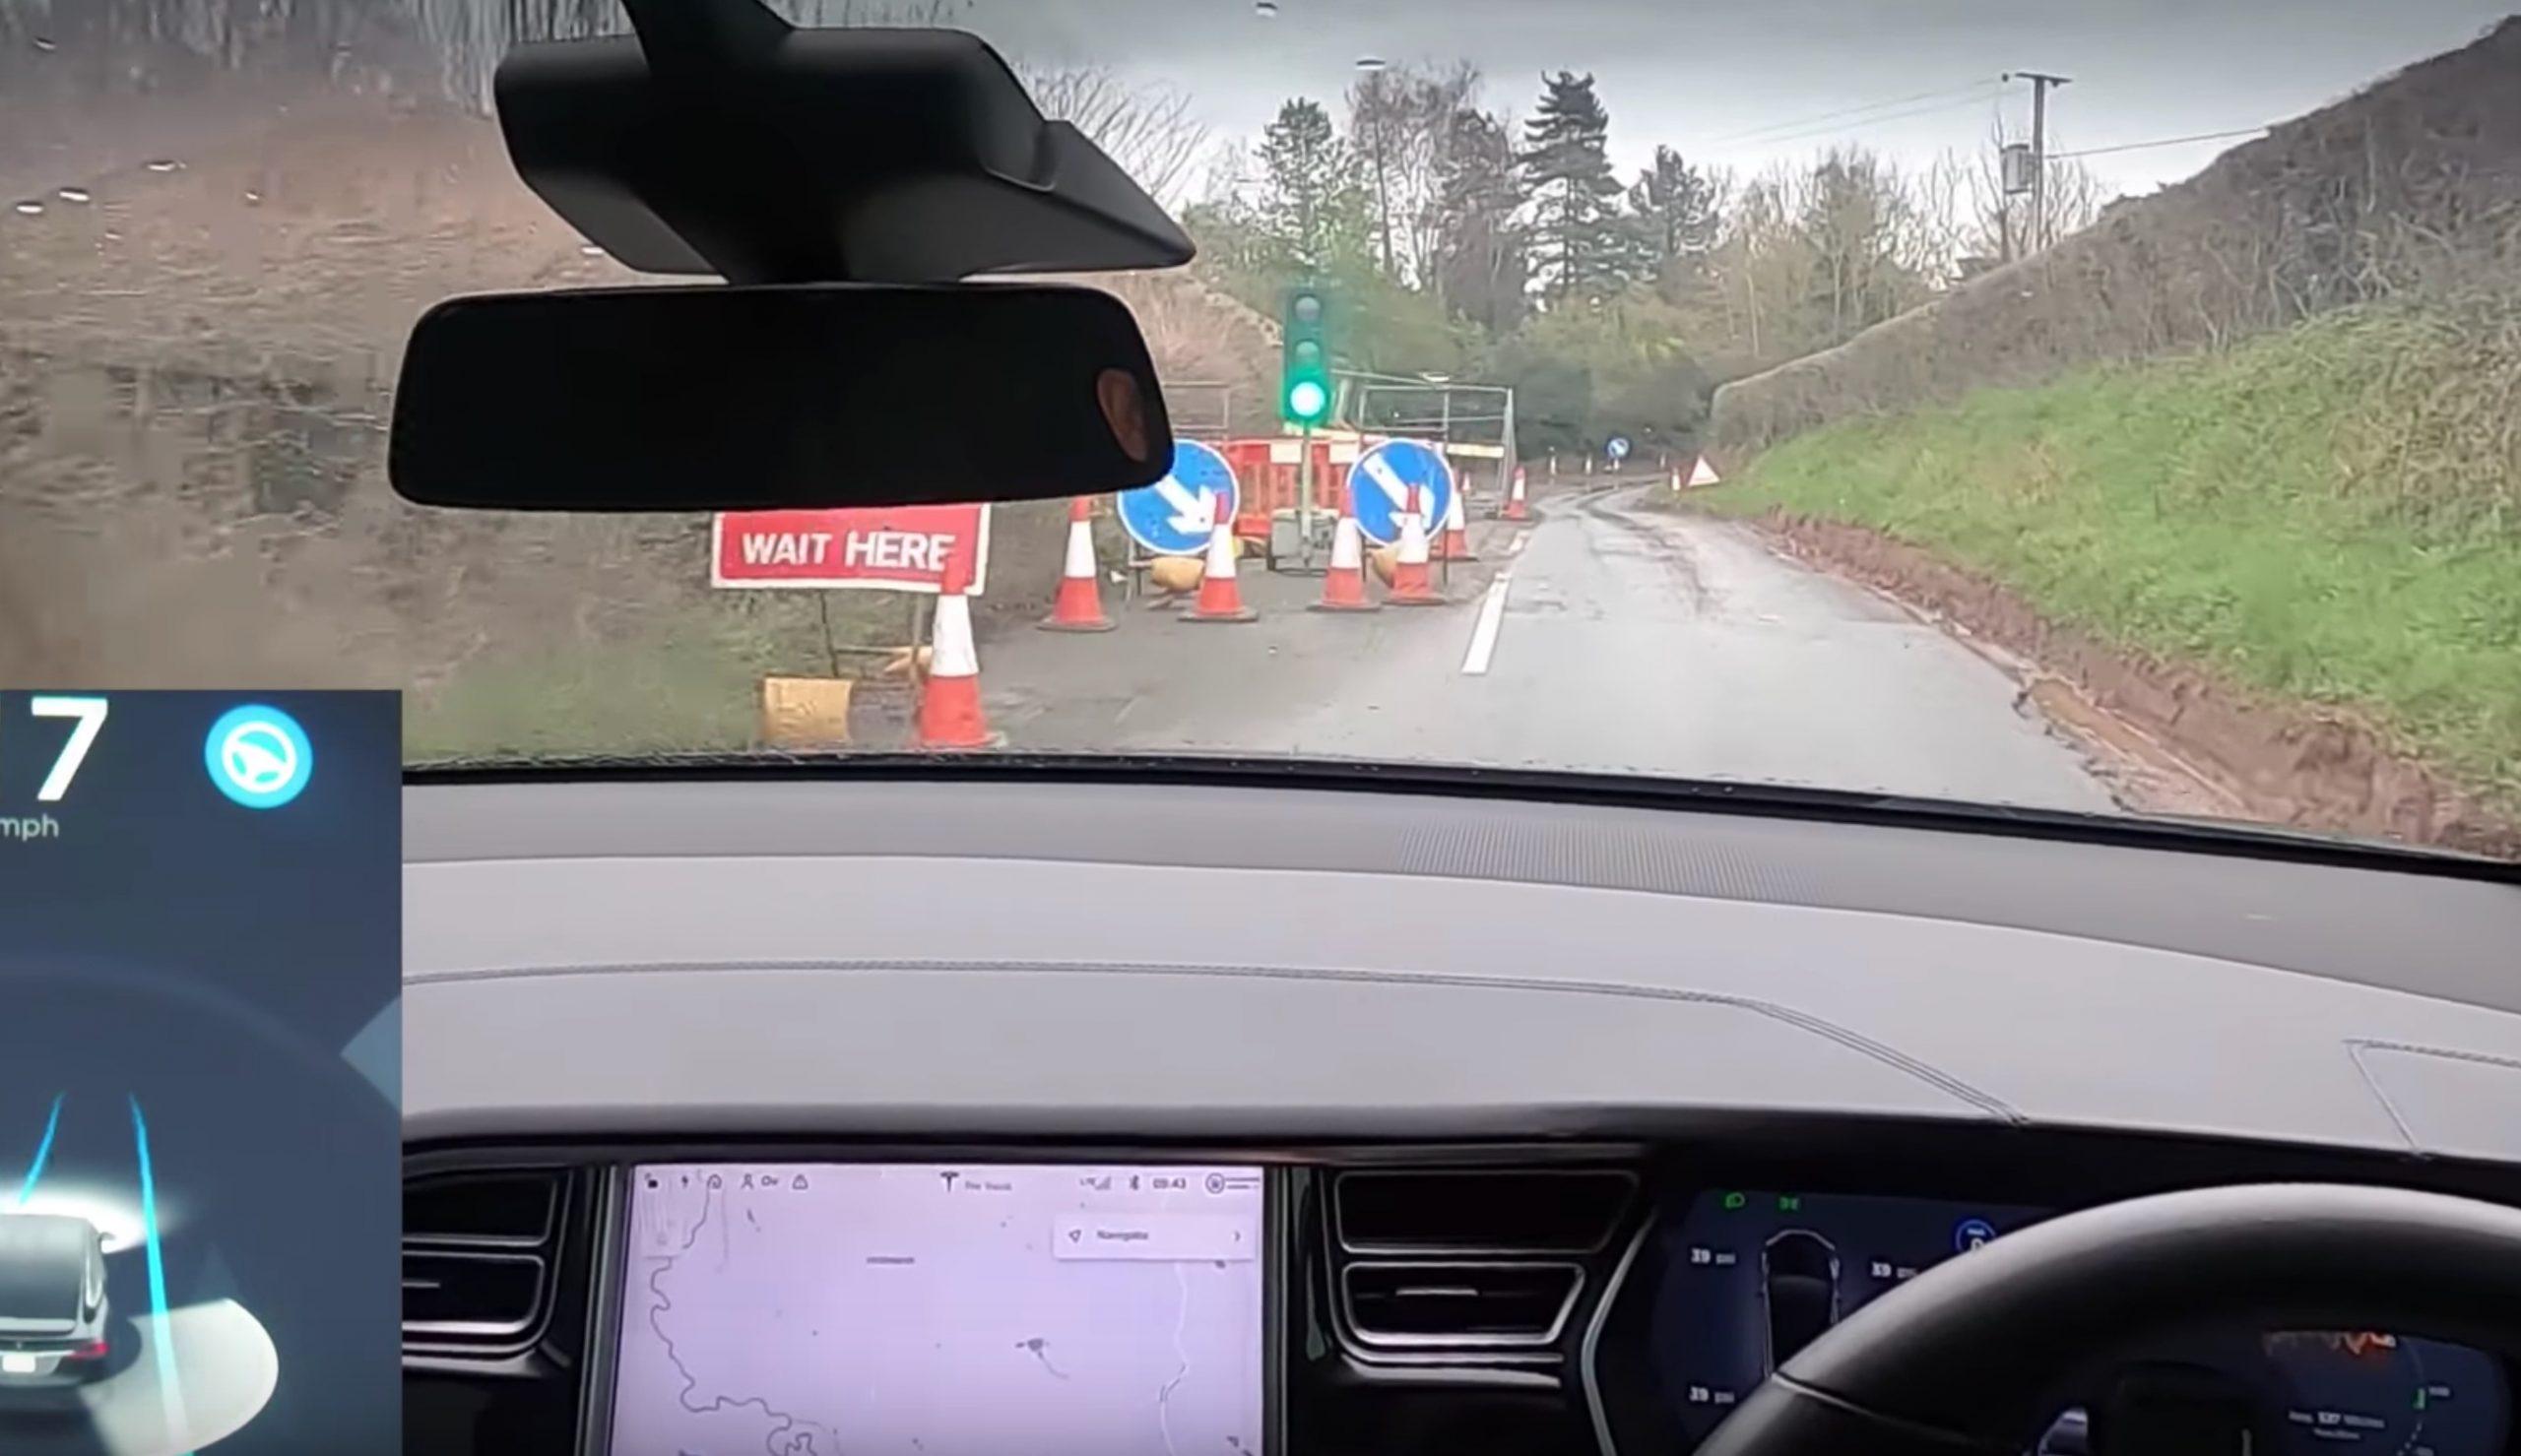 tesla-model-x-autopilot-dirt-road-cones